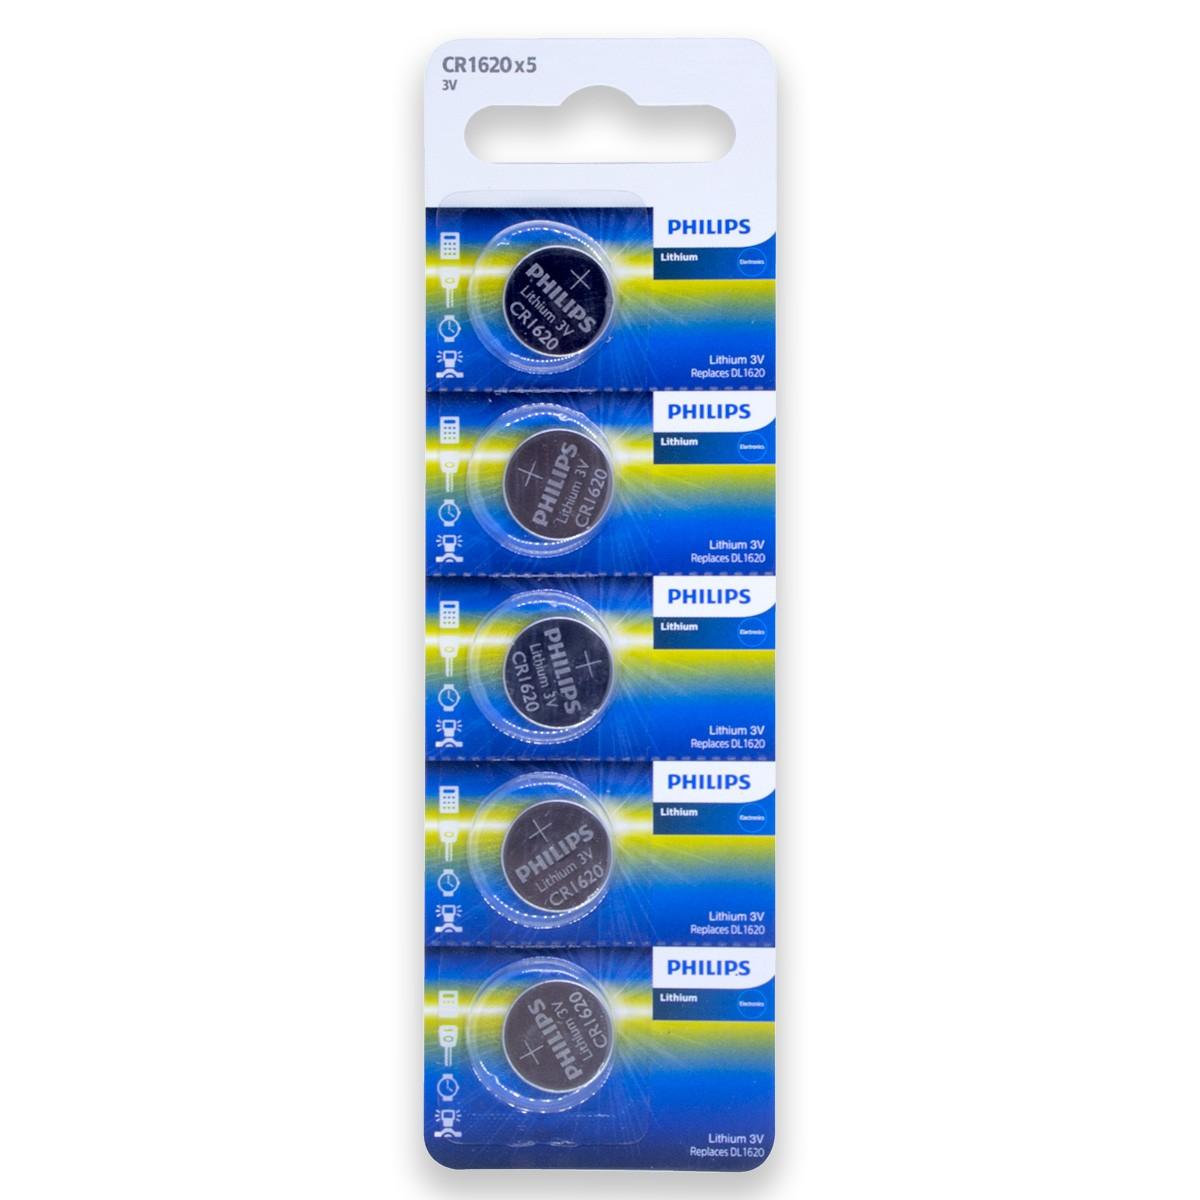 10 Pilhas PHILIPS CR1620 3v Bateria Original - 2 cartelas